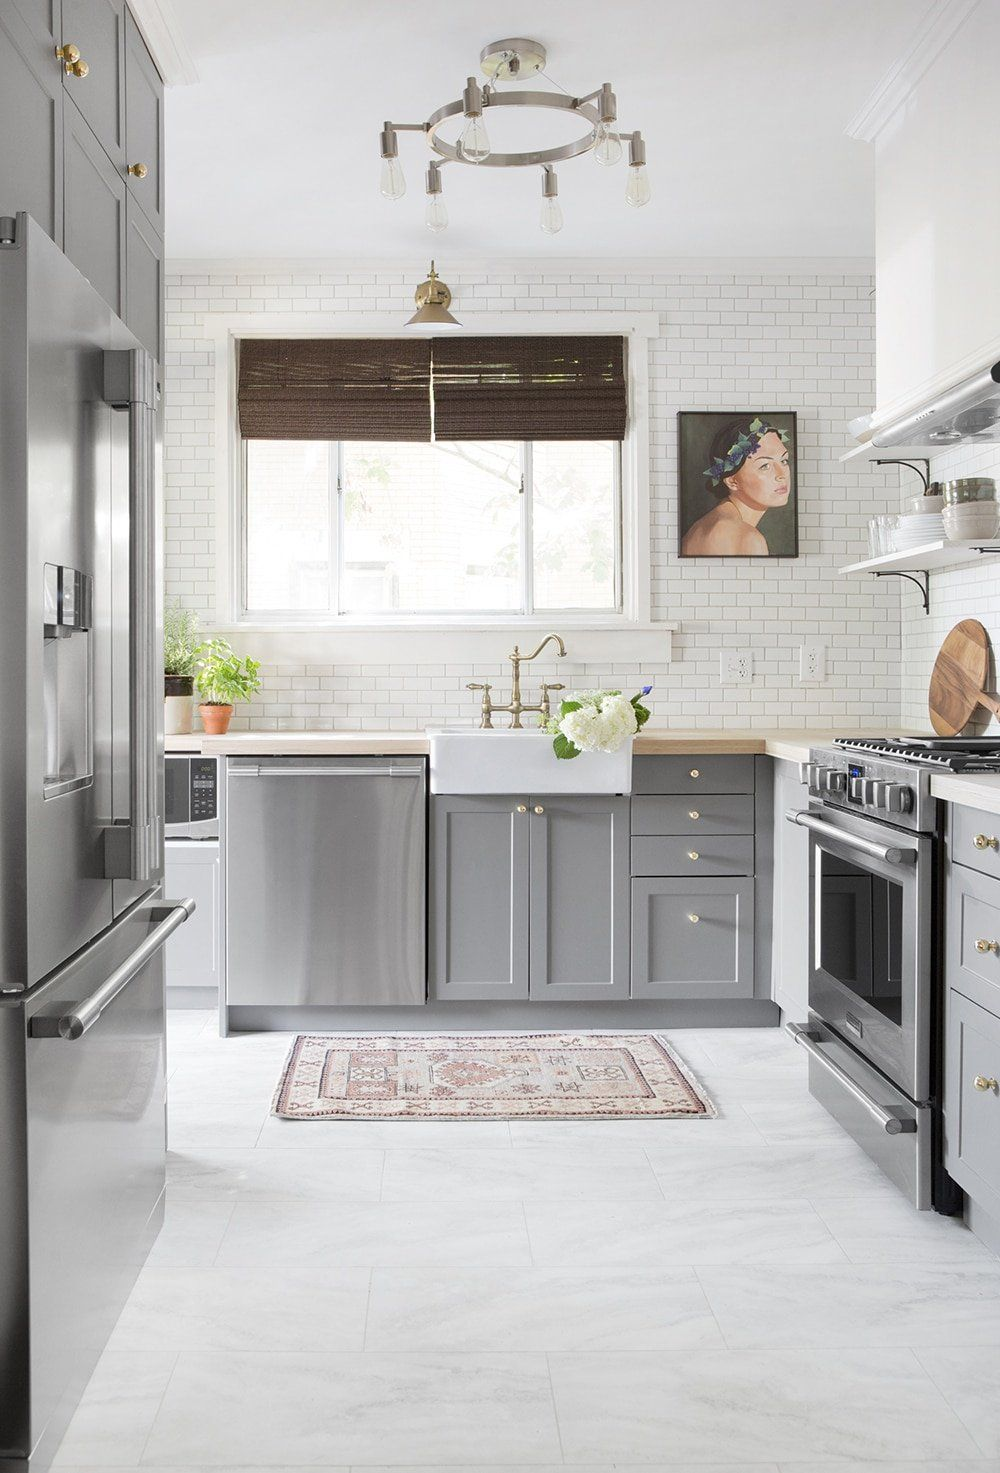 Download Wallpaper White Vinyl Kitchen Floor Tiles